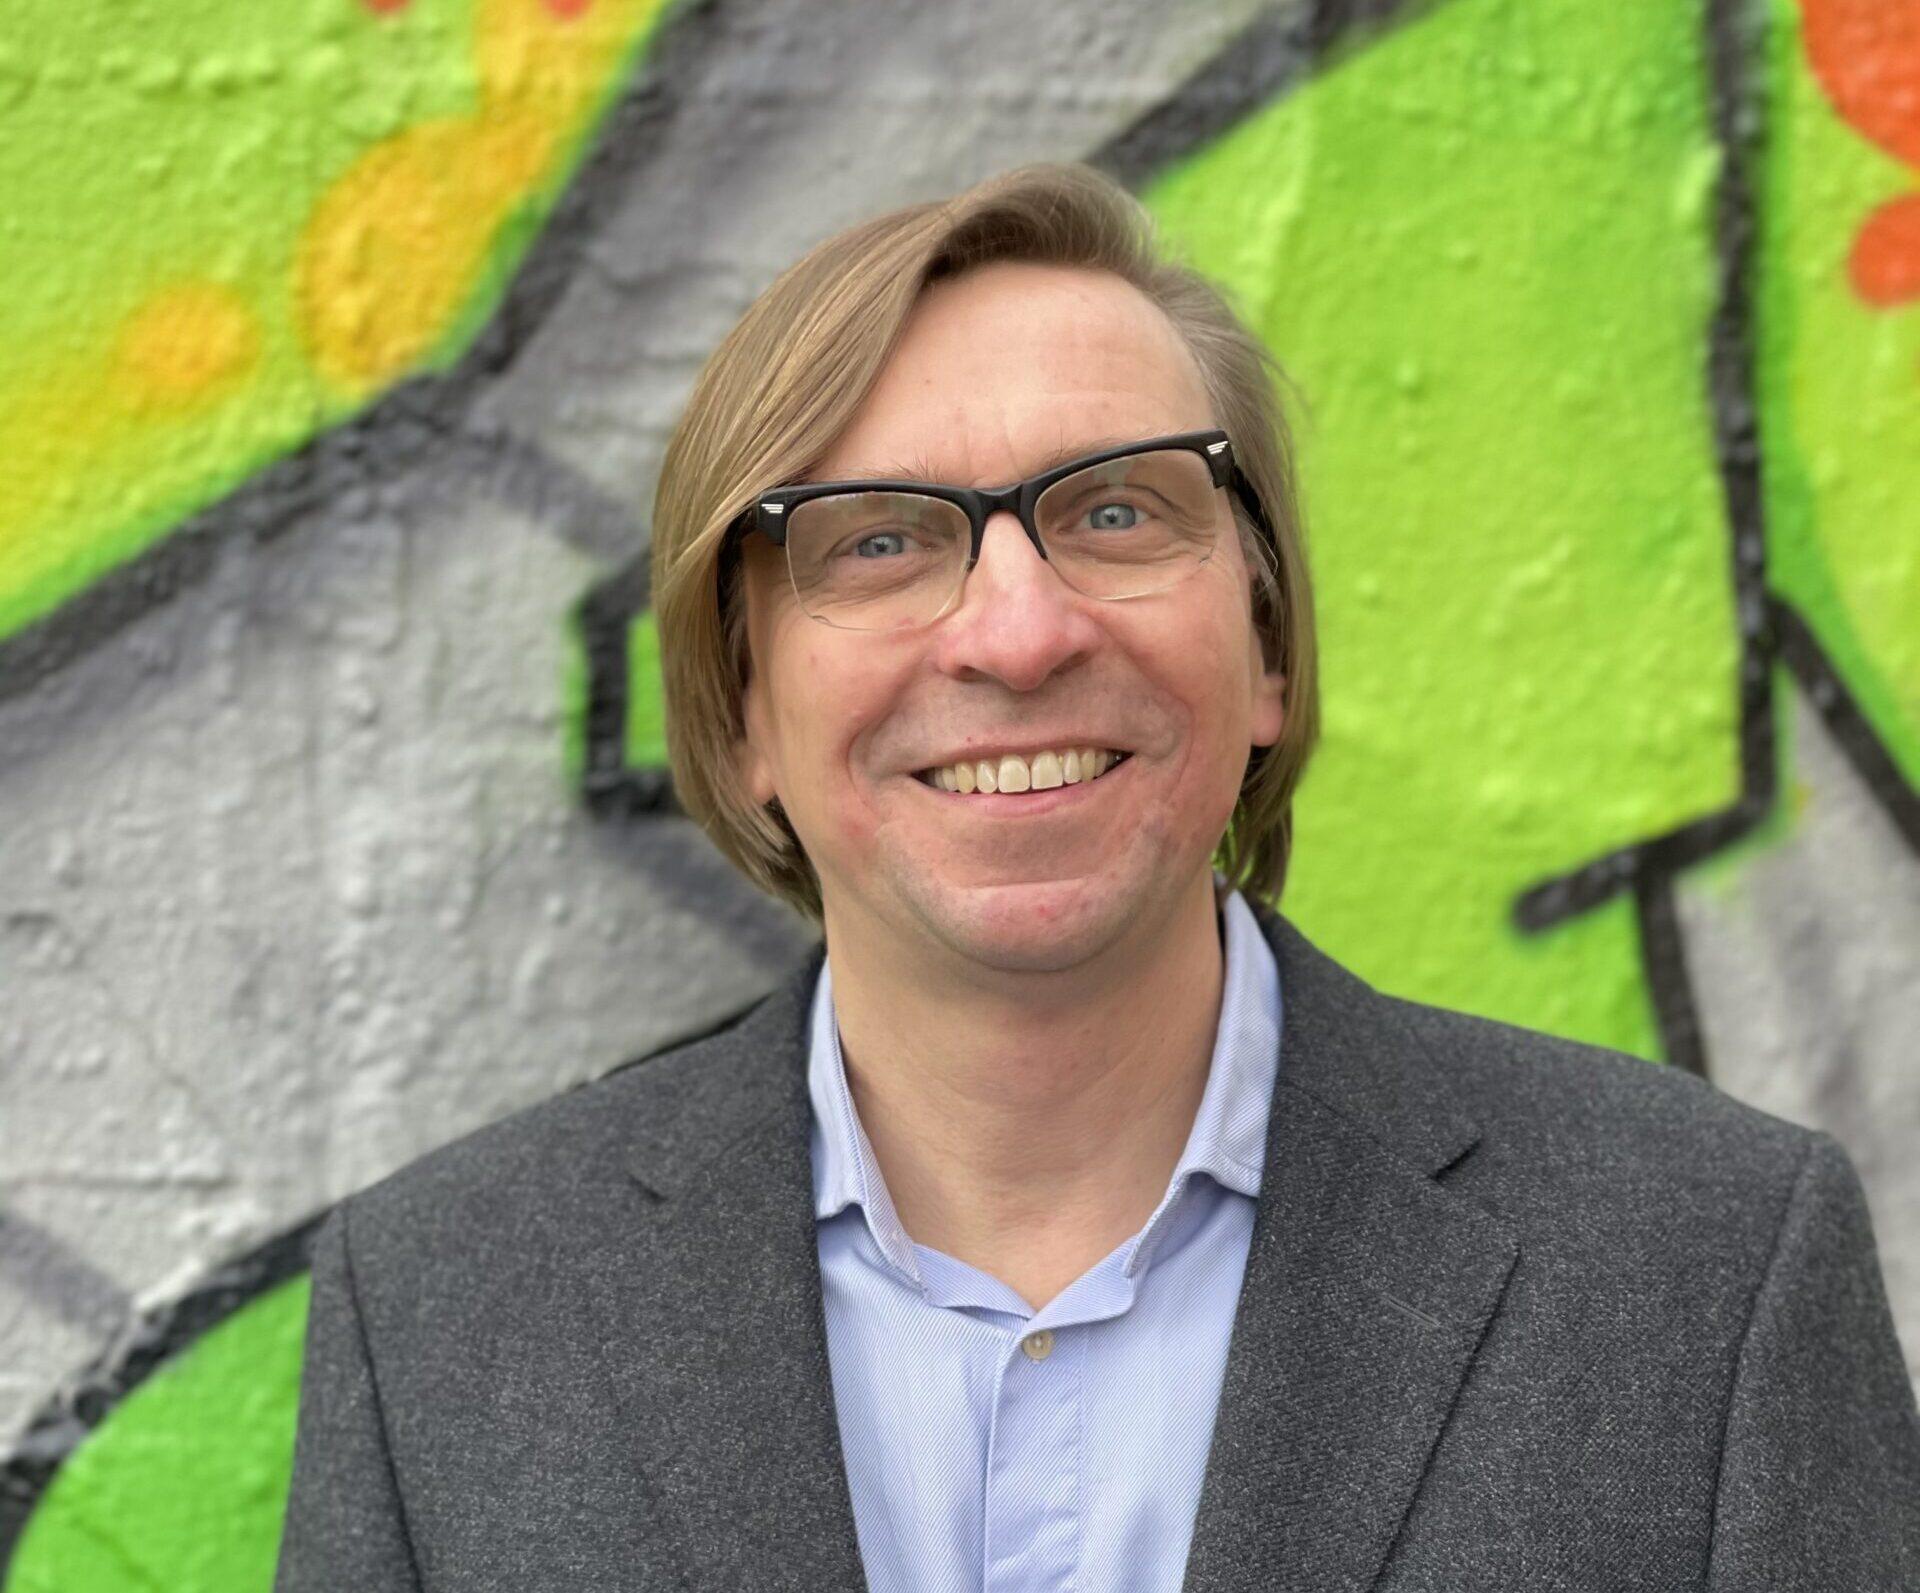 Michael Sacher kandidiert für den Bundestag